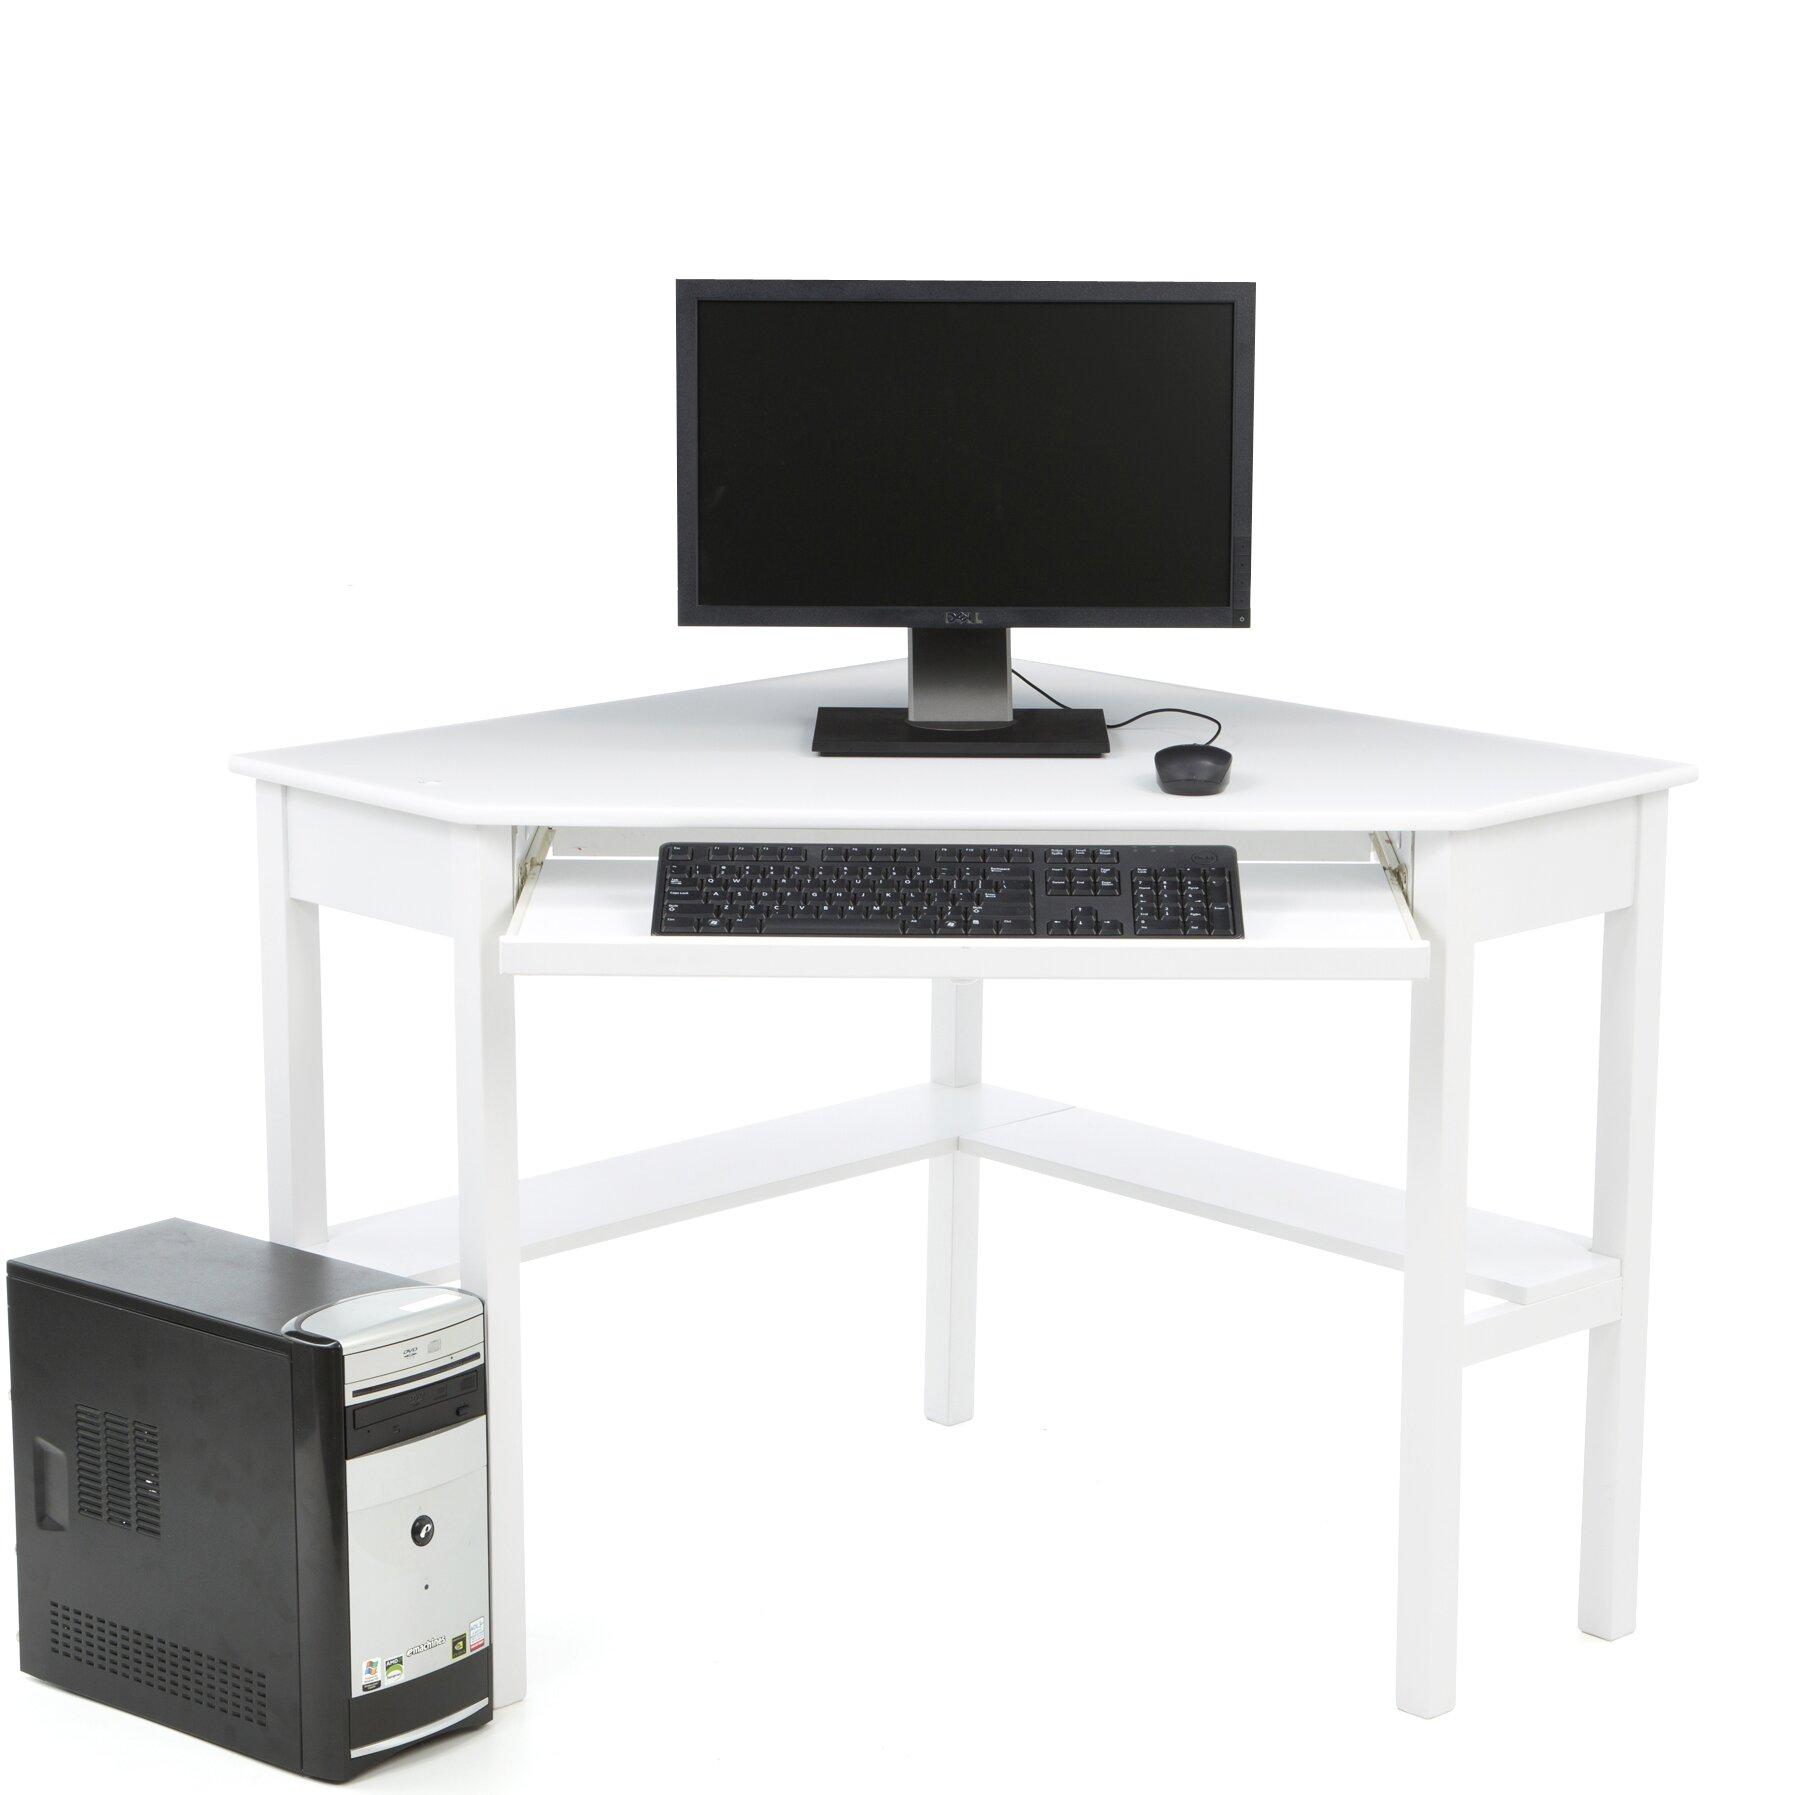 red barrel studio levin computer corner desk in white reviews wayfair. Black Bedroom Furniture Sets. Home Design Ideas